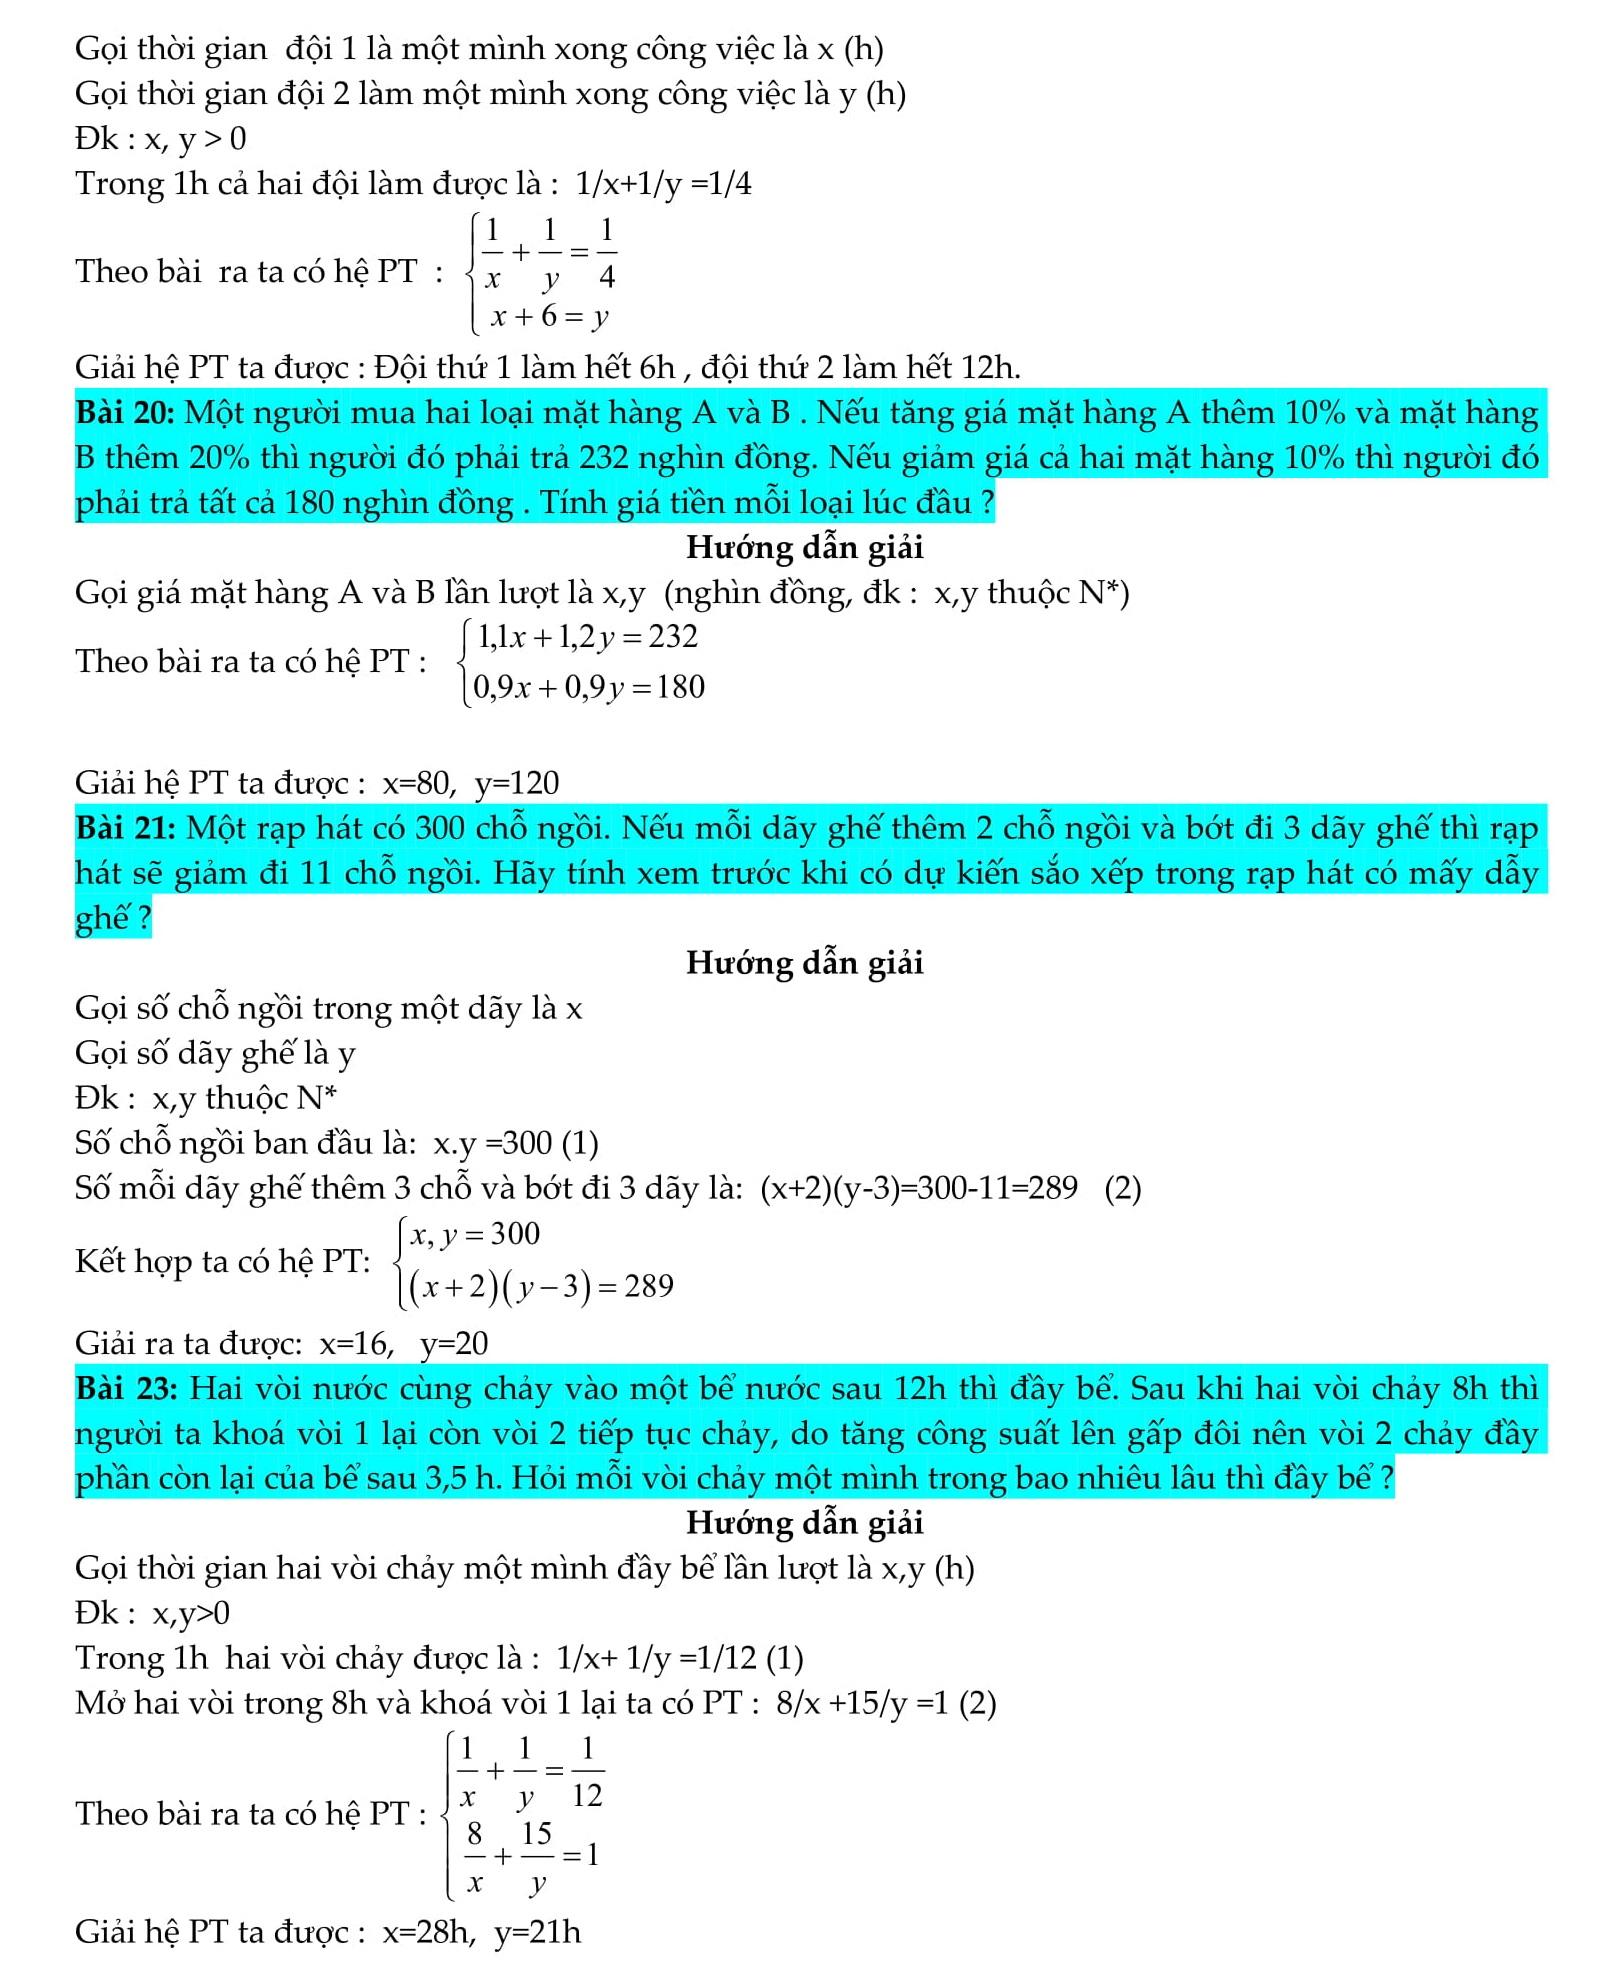 Hệ phương trình Toán 9 - Lập hệ phương trình